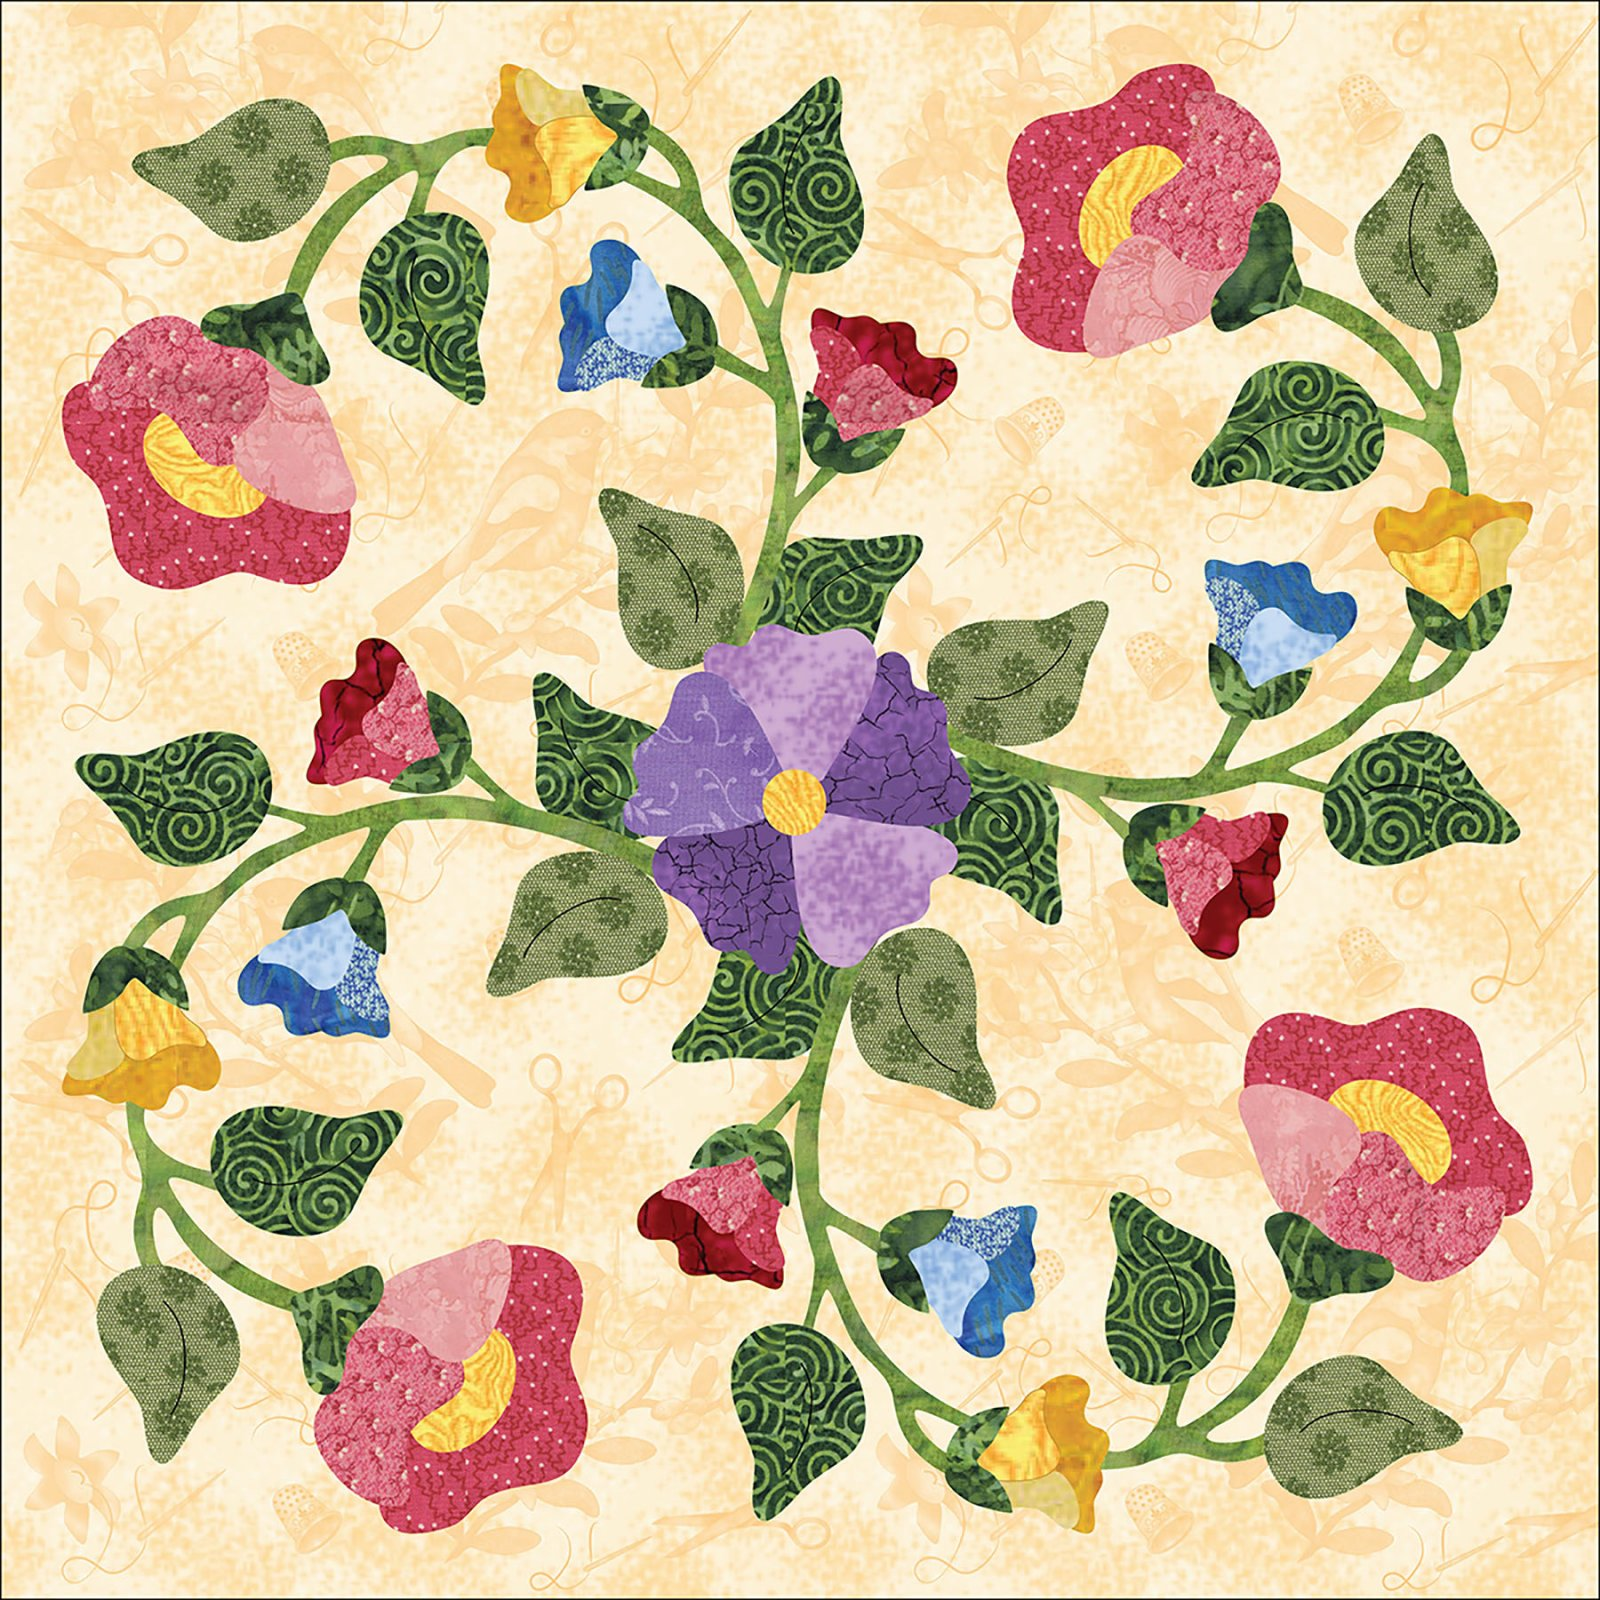 P3 2107 Forever Blooming Blk 7 Rose Vine Download